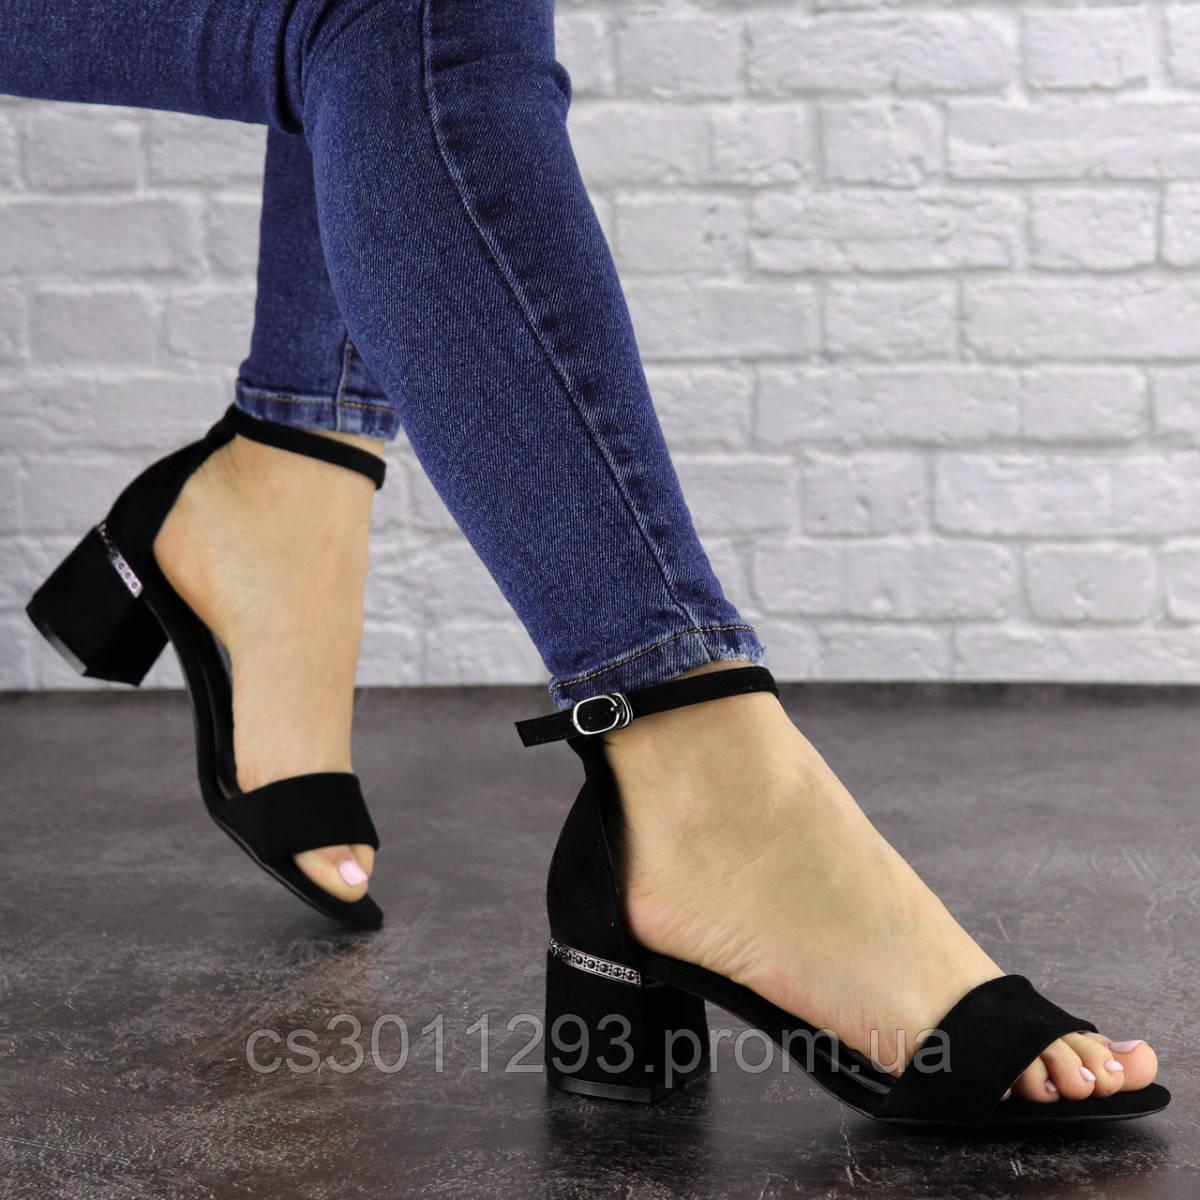 Женские босоножки Fashion Buddy 1564 36 размер 23,5 см Черный